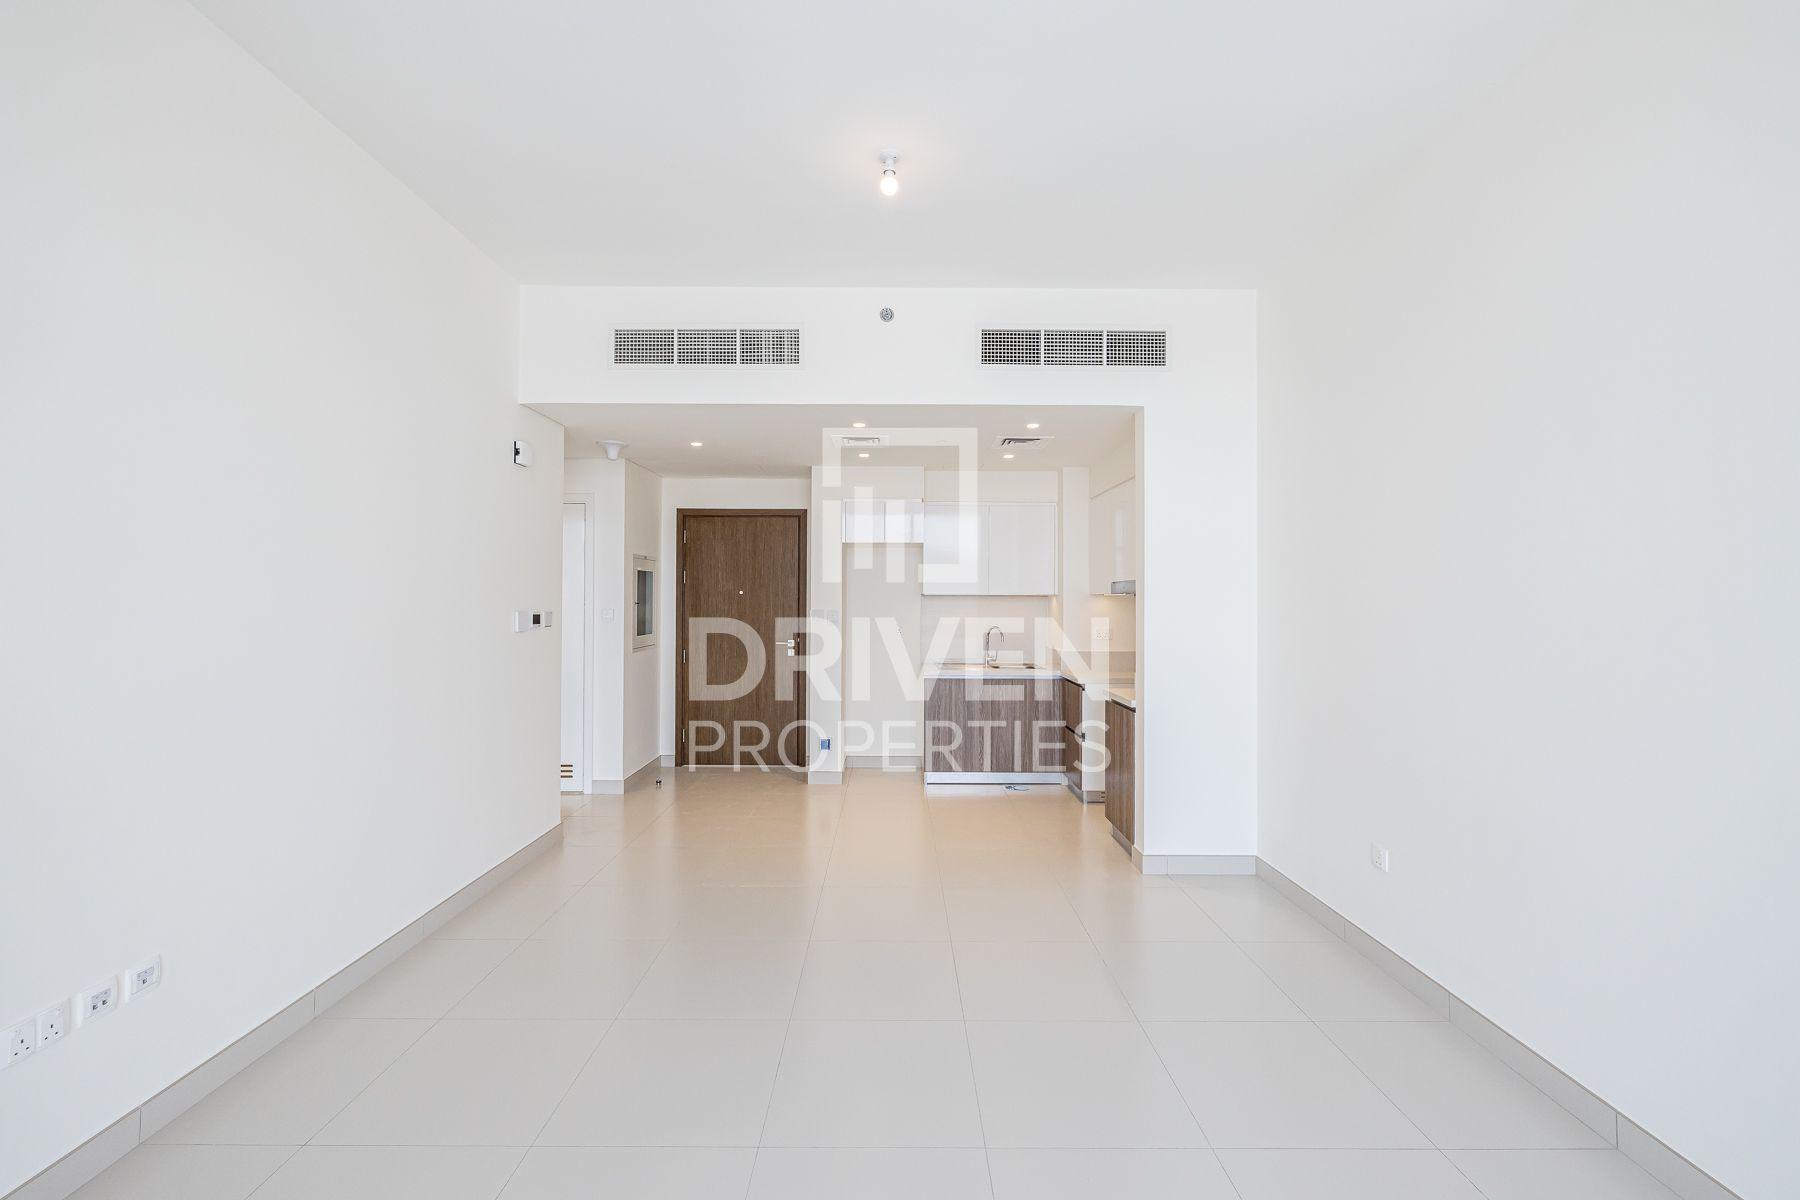 688 قدم مربع  شقة - للايجار - دبي هيلز استيت